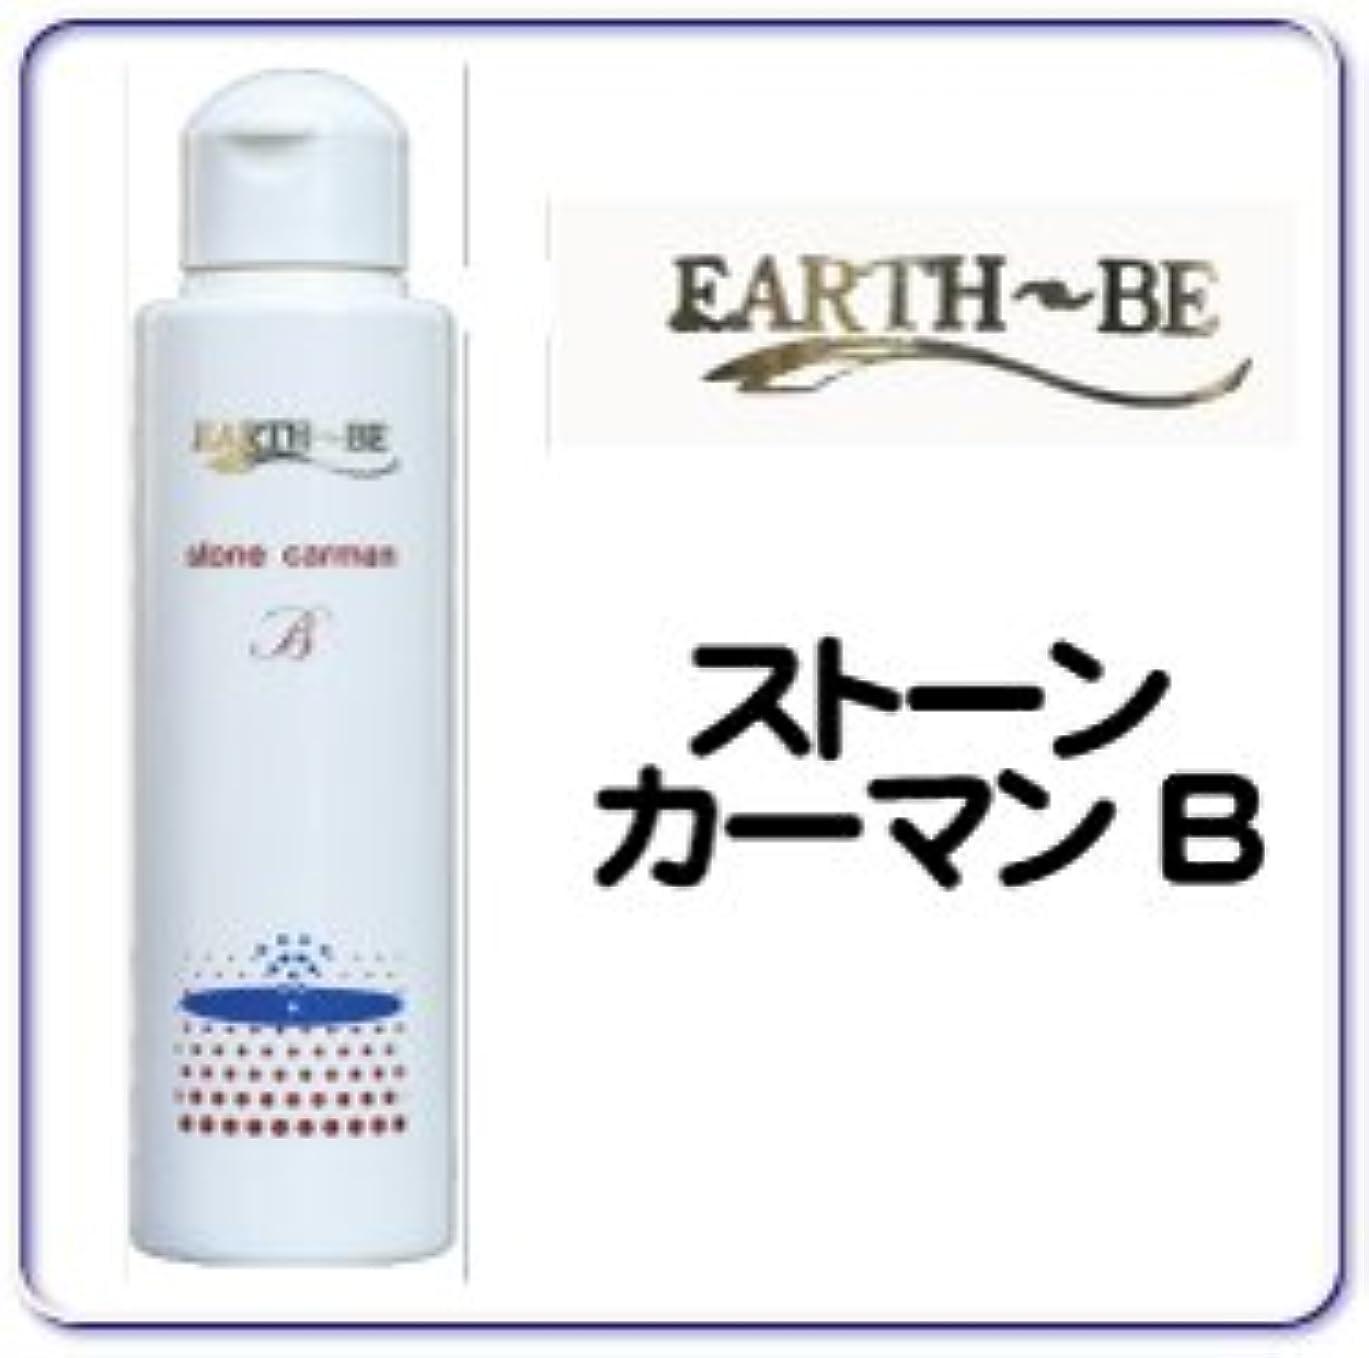 病なおめでとう賢明なベルマン化粧品 EARTH-Bシリーズ  アースビ ストーン カーマンB  120ml 化粧水